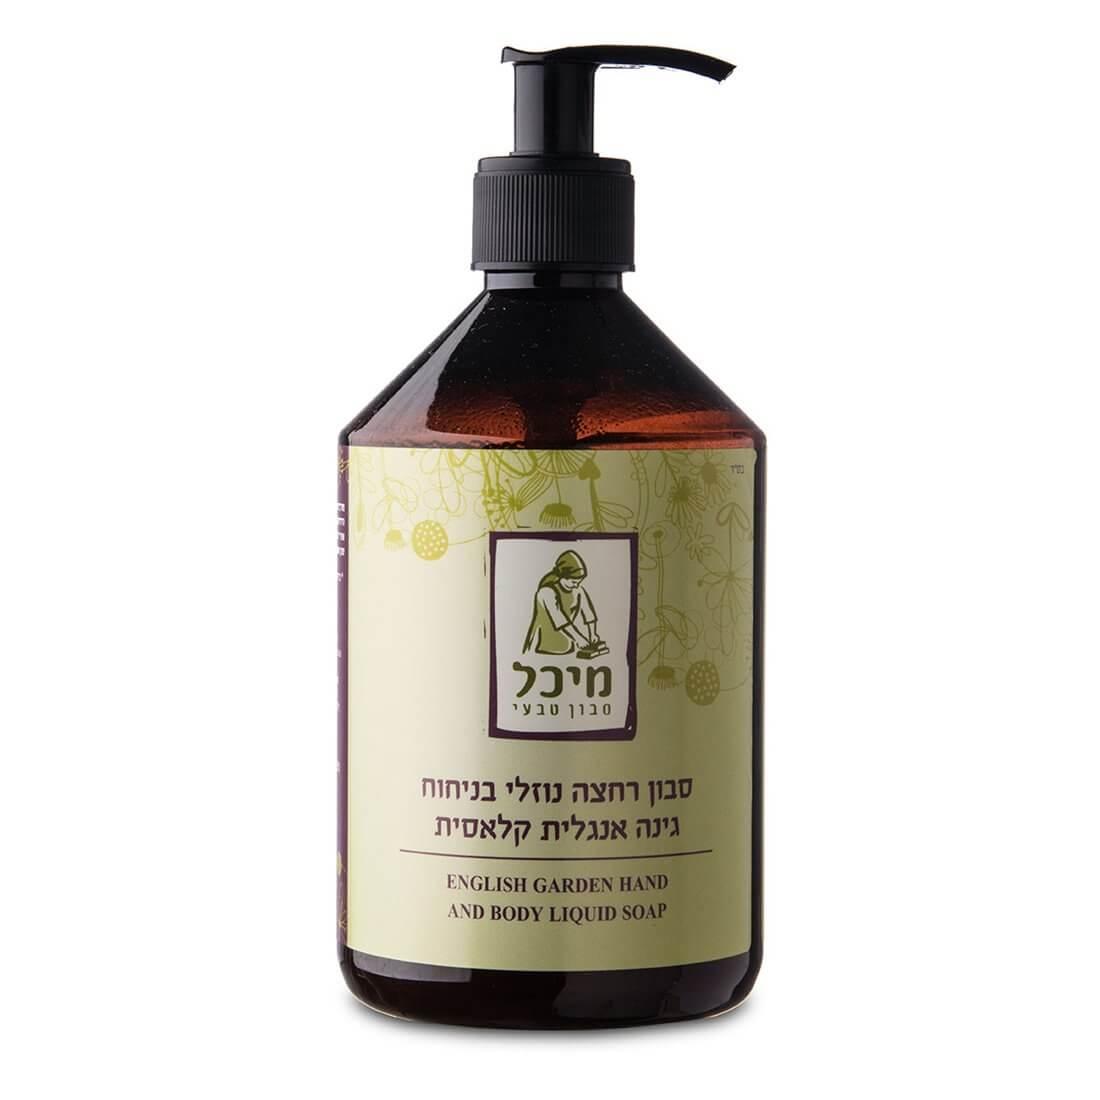 סבון נוזלי טבעי בניחוח גינה אנגלית קלאסית - מיכל סבון טבעי